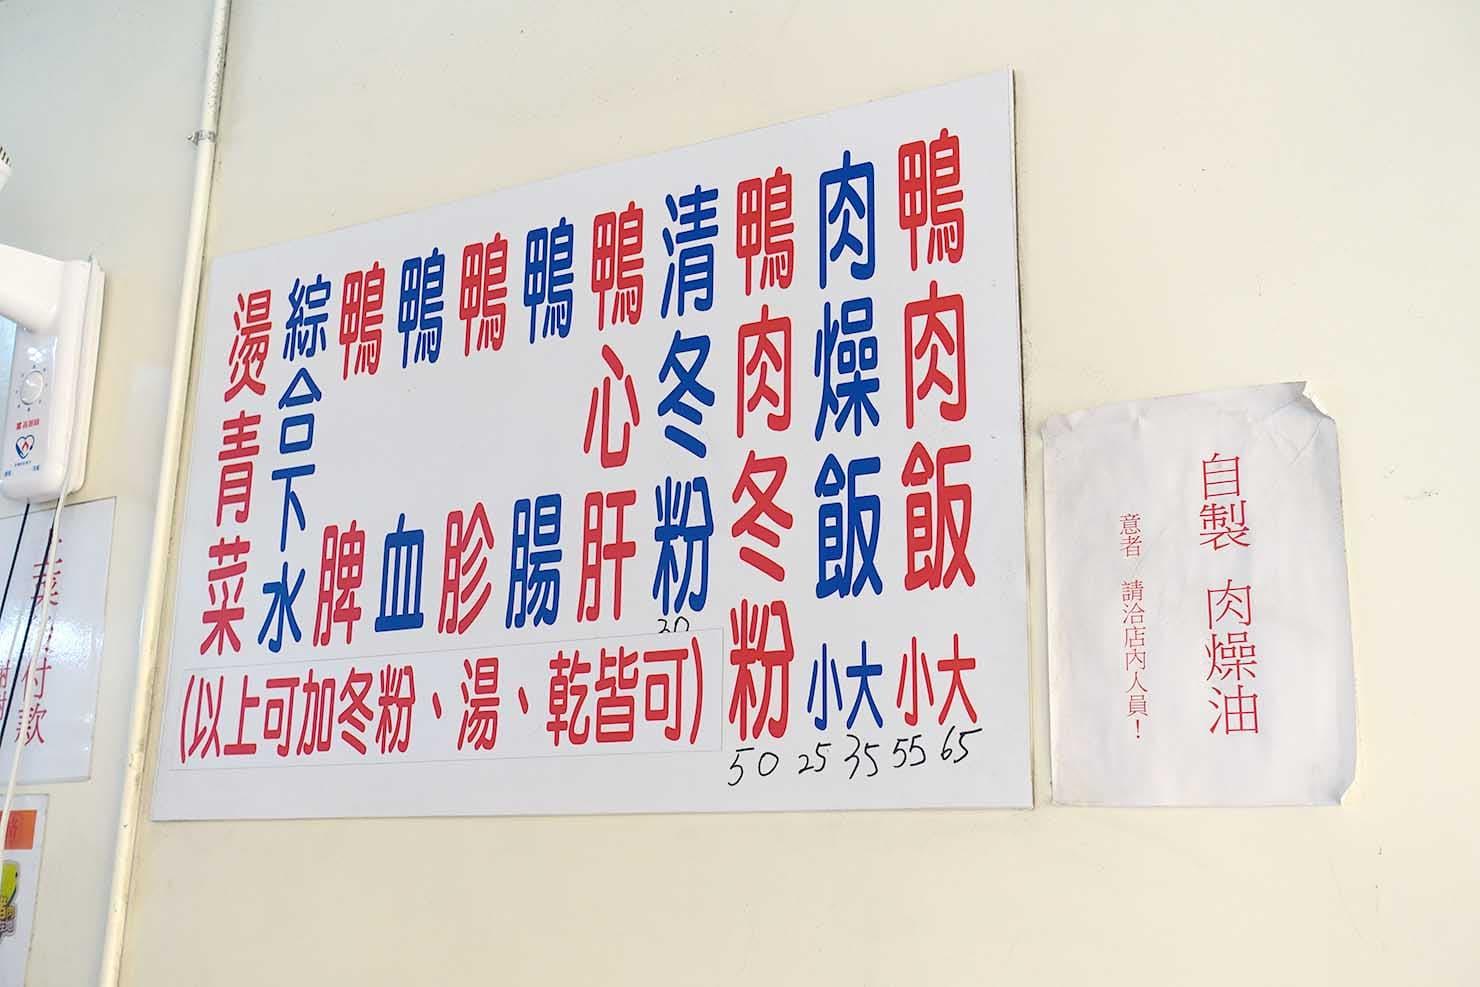 高雄の伝統台湾グルメエリア・鹽埕埔「鴨肉珍」のメニュー